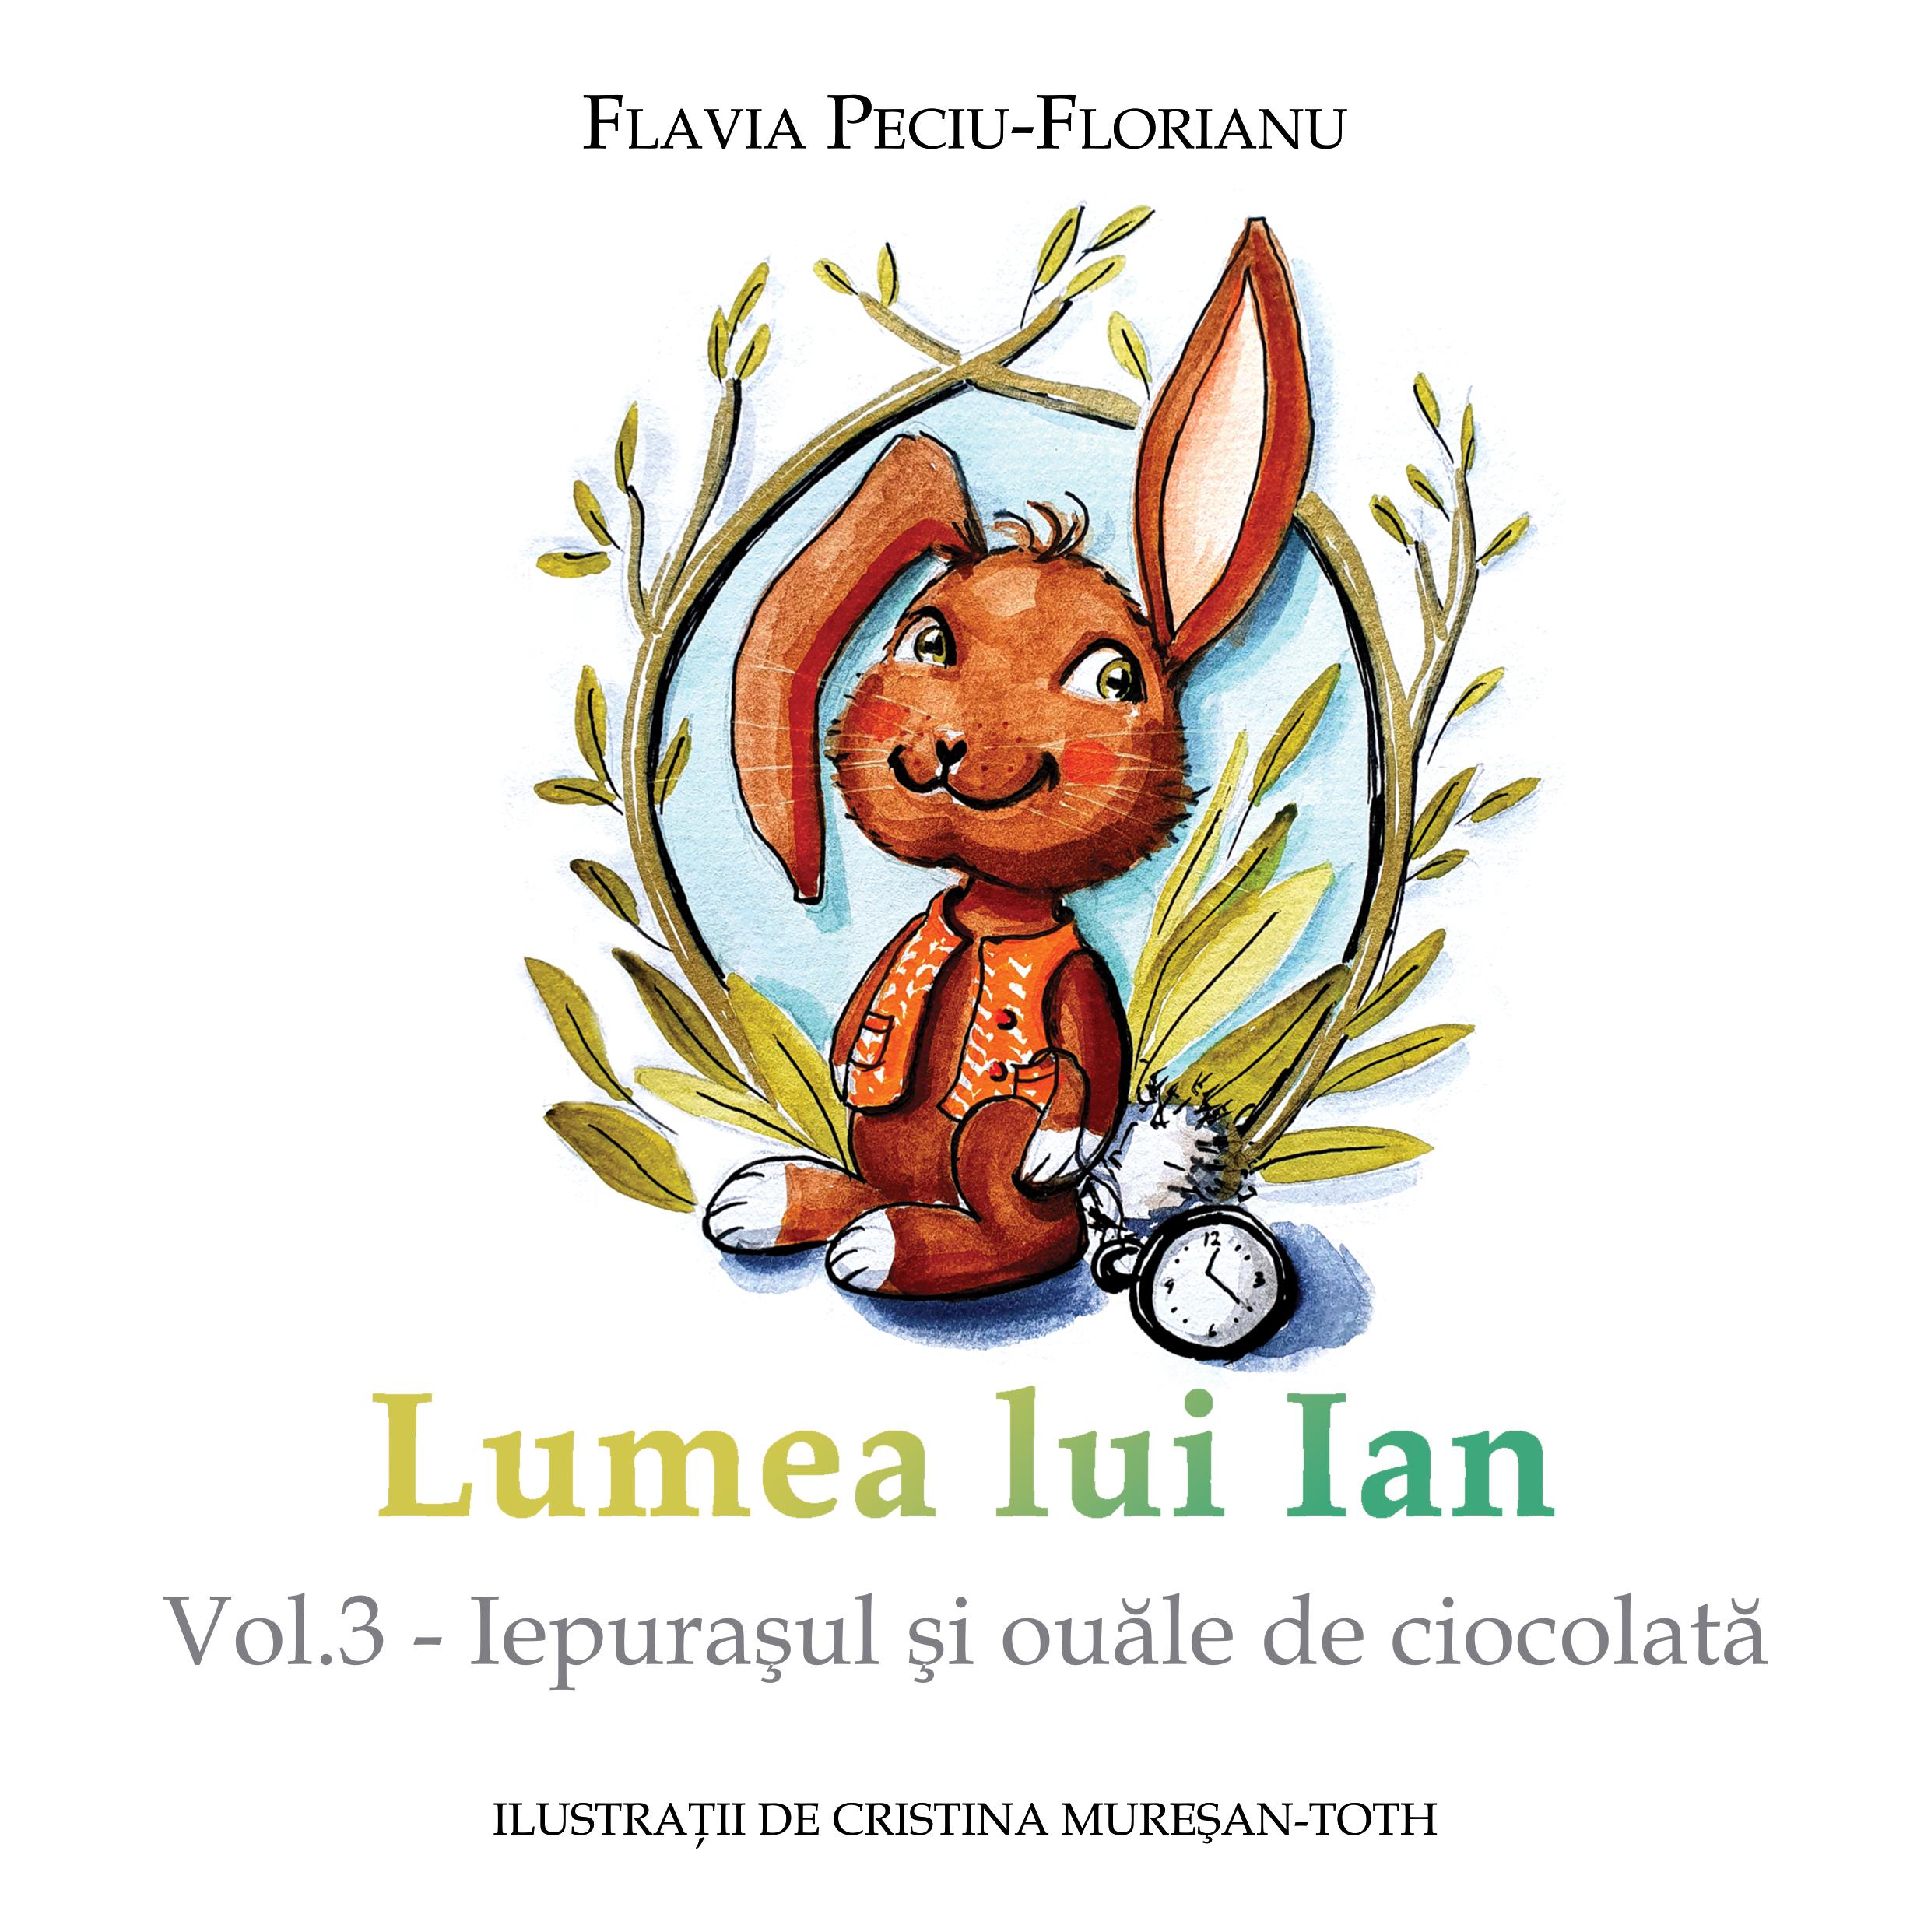 Peciu-Florianu Flavia_Lumea lui Ian. Vol. 3_Iepurasul si ouale de ciocolata_coperta 1_300 dpi_RGB